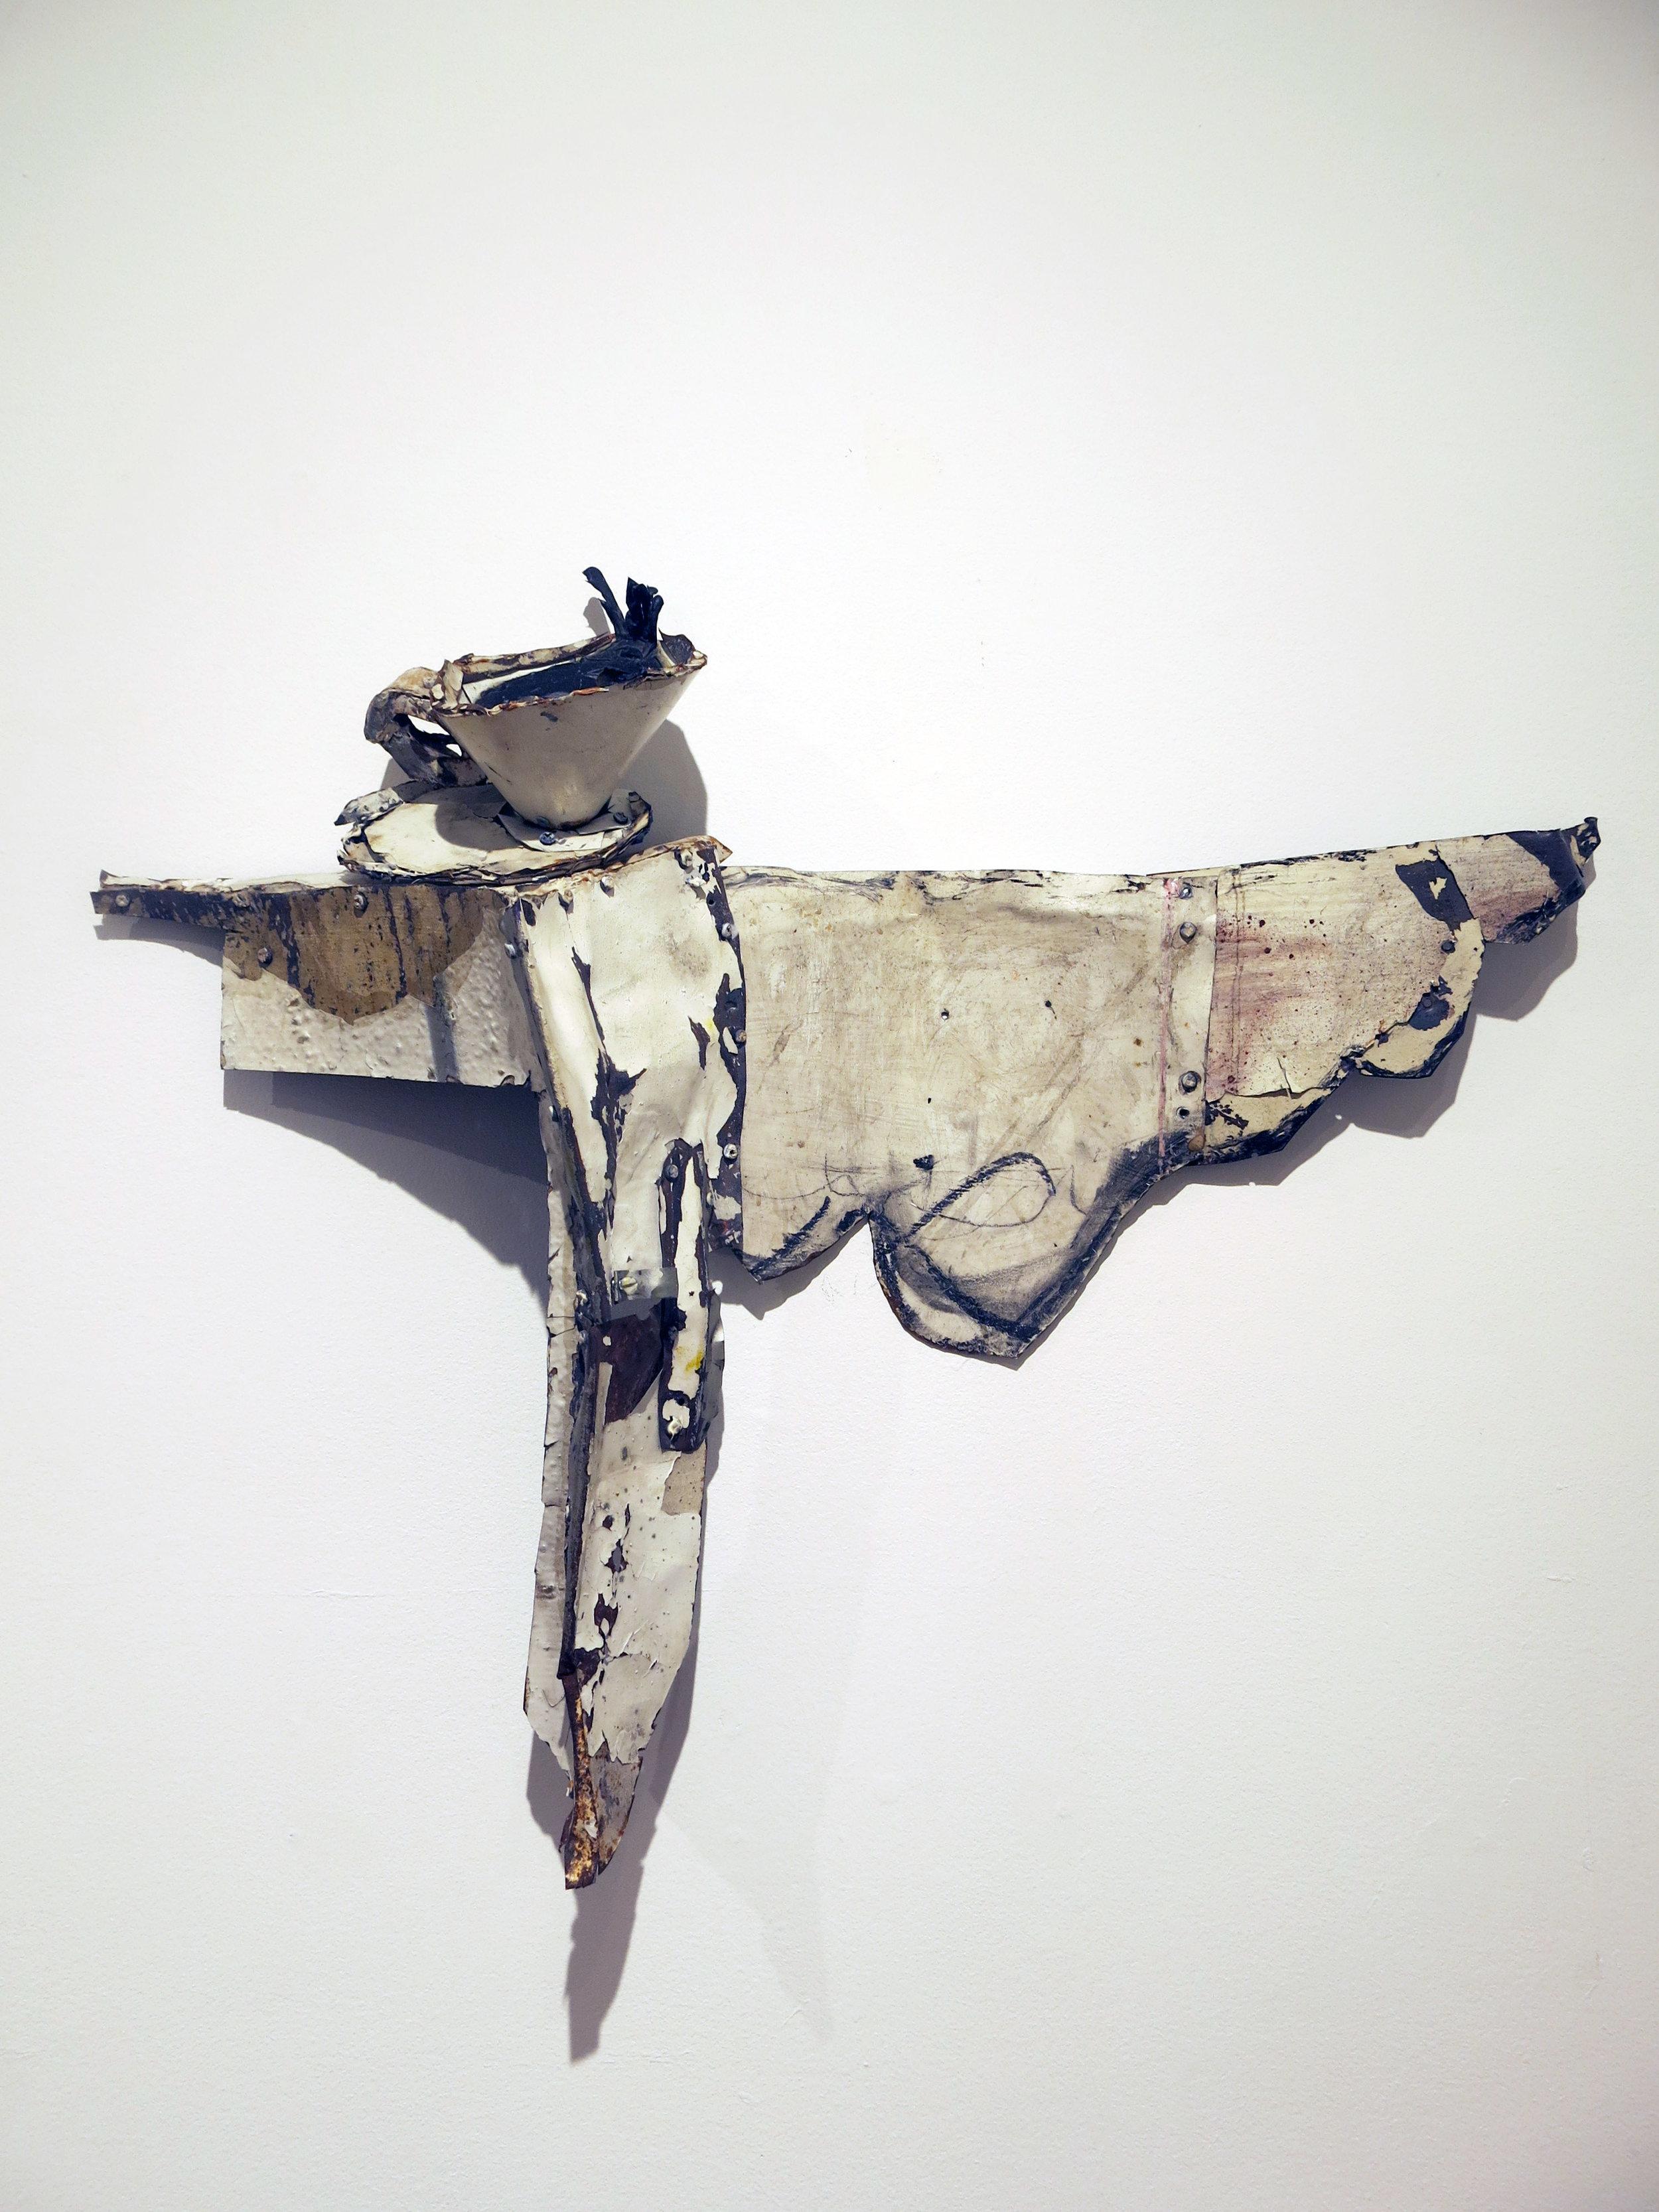 Matt Blackwell, Coffee, 2015, sheet metal, rivets, caulk, 26h x 24w x 6d in.